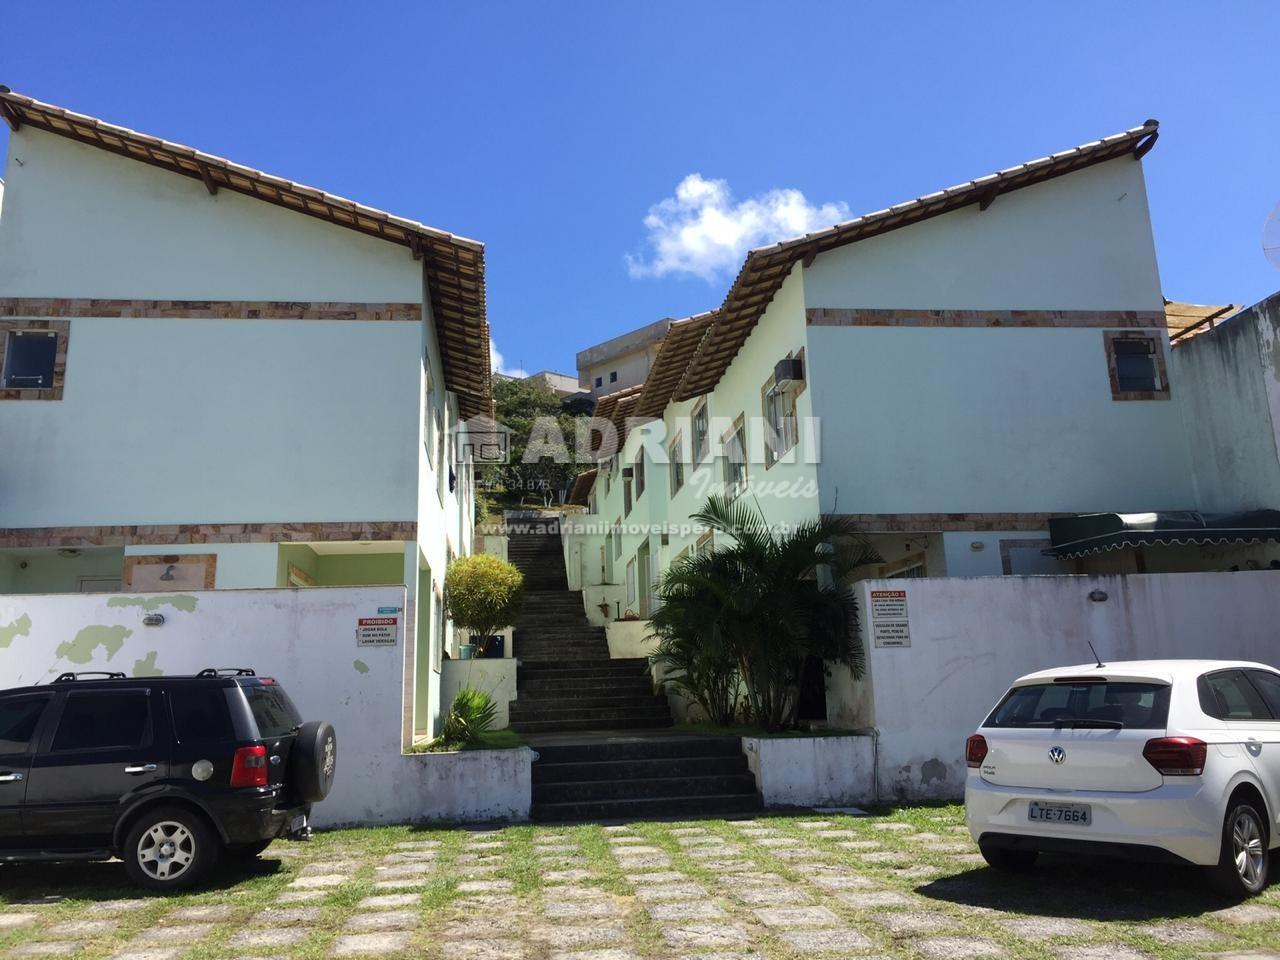 Cód.: 470 Casa em condomínio com 2 quartos, VENDA, Peró, Cabo Frio – RJ